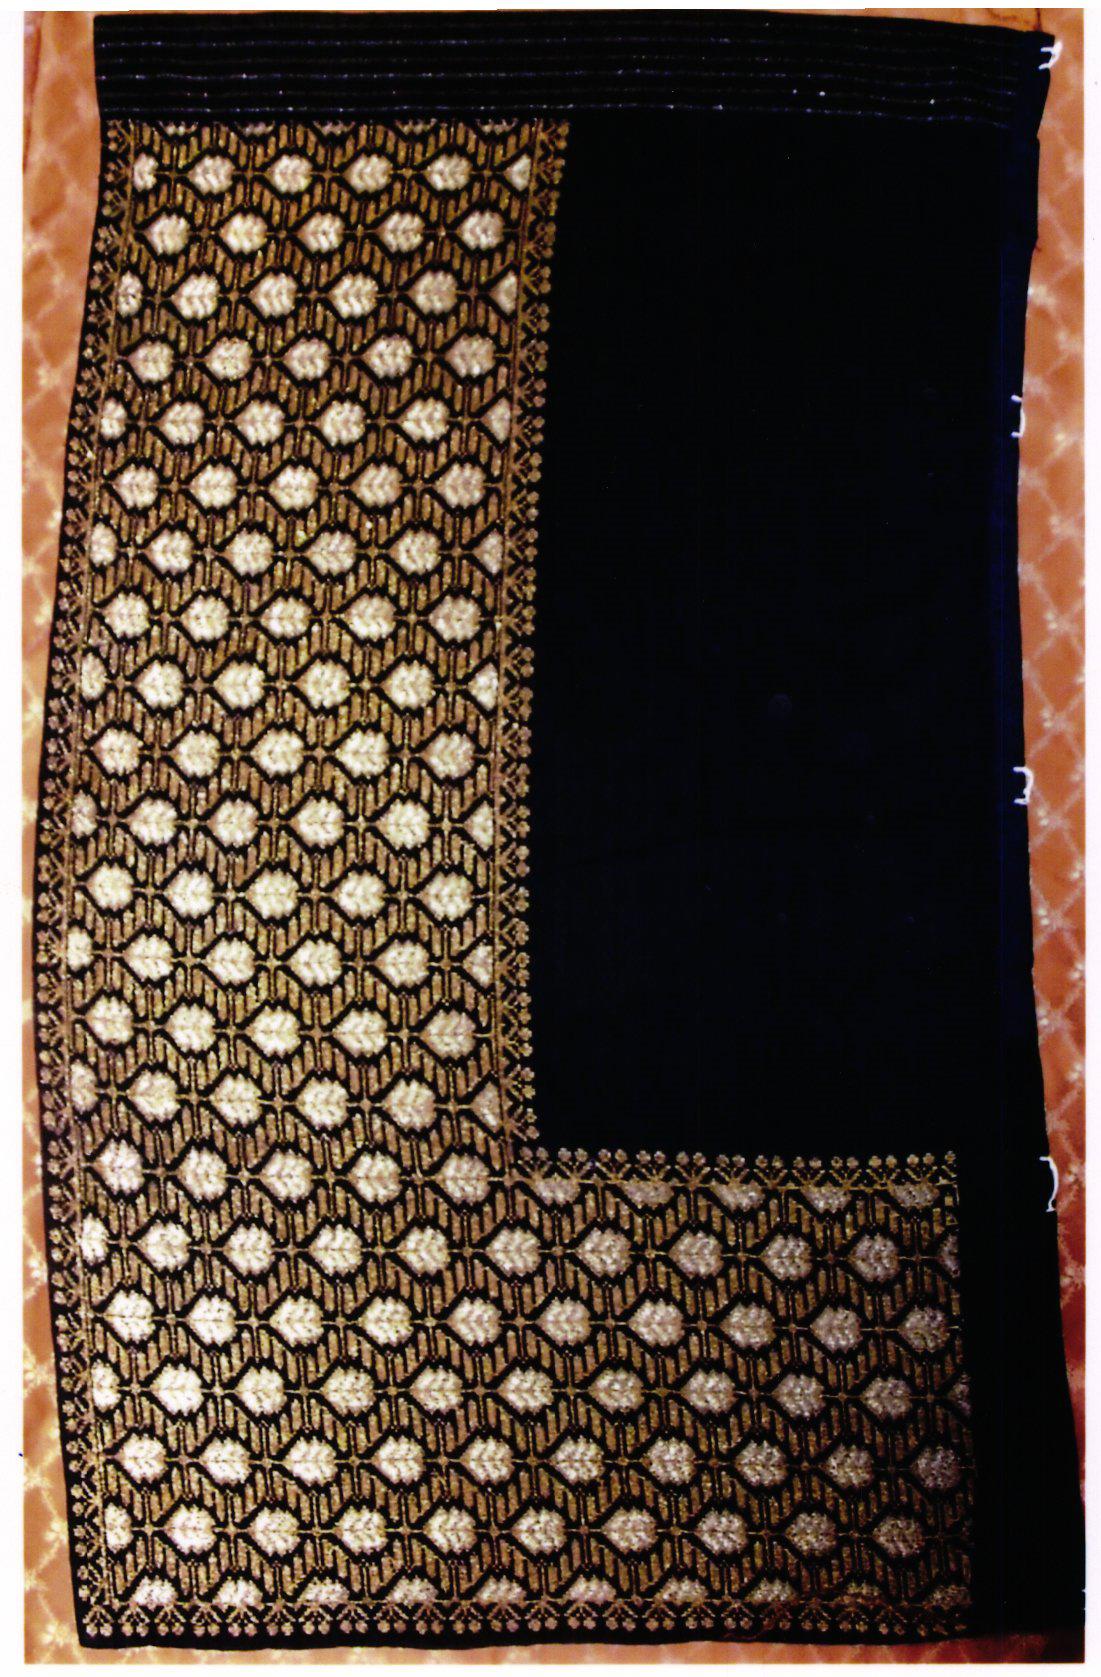 anonim; Fotă pe negru cu fir mărgelat - Muzeul Viticulturii şi Pomiculturii - GOLEŞTI (Patrimoniul Cultural National Mobil din Romania. Ordin de clasare: 2356/14.06.2017 - Tezaur)